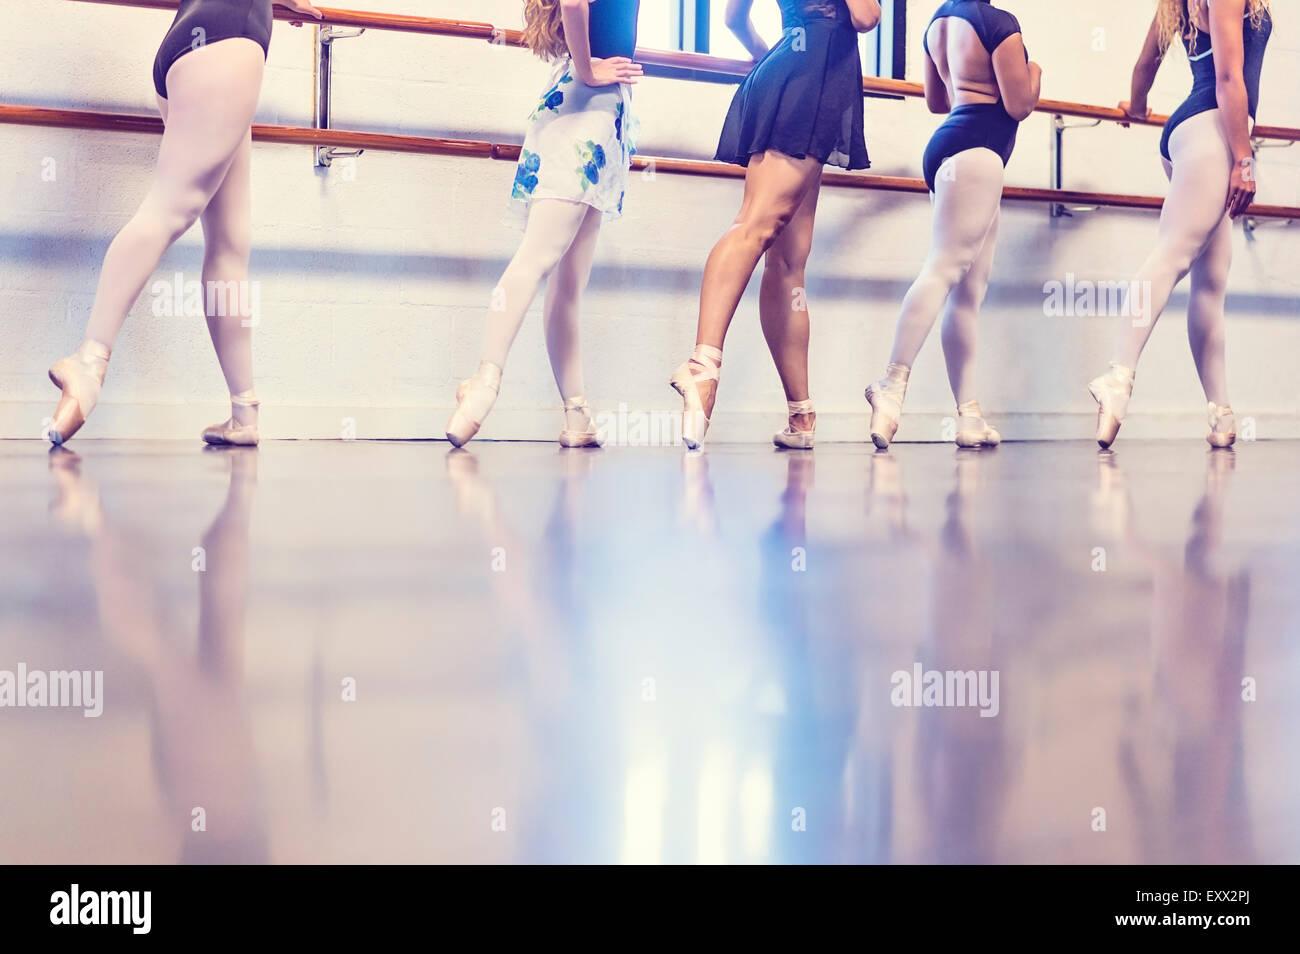 Les jeunes femmes dansant dans un studio de danse Photo Stock